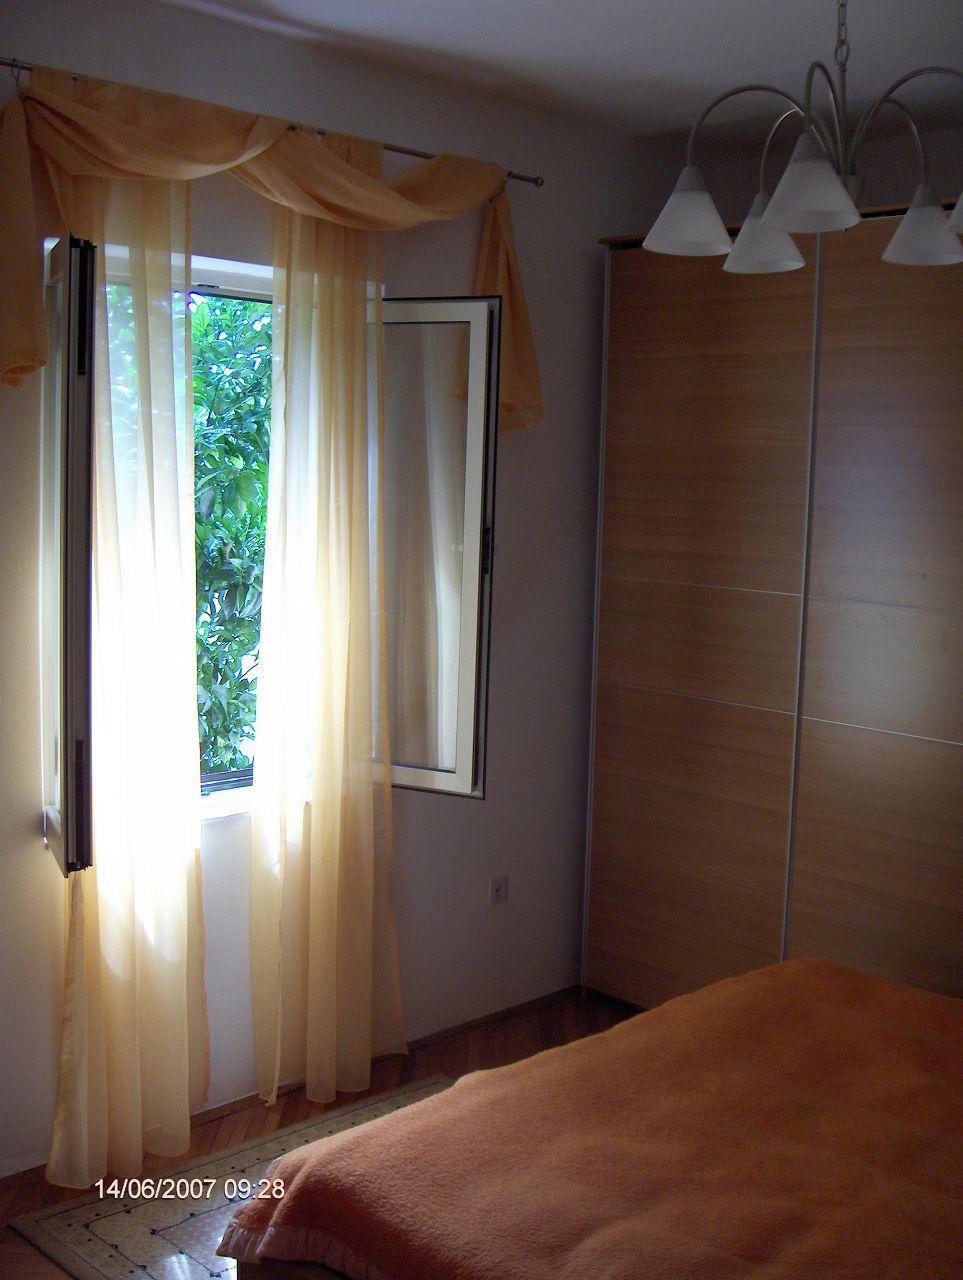 0203VRBO - Vrboska - Appartementen Kroatië - R3(2): slaapkamer